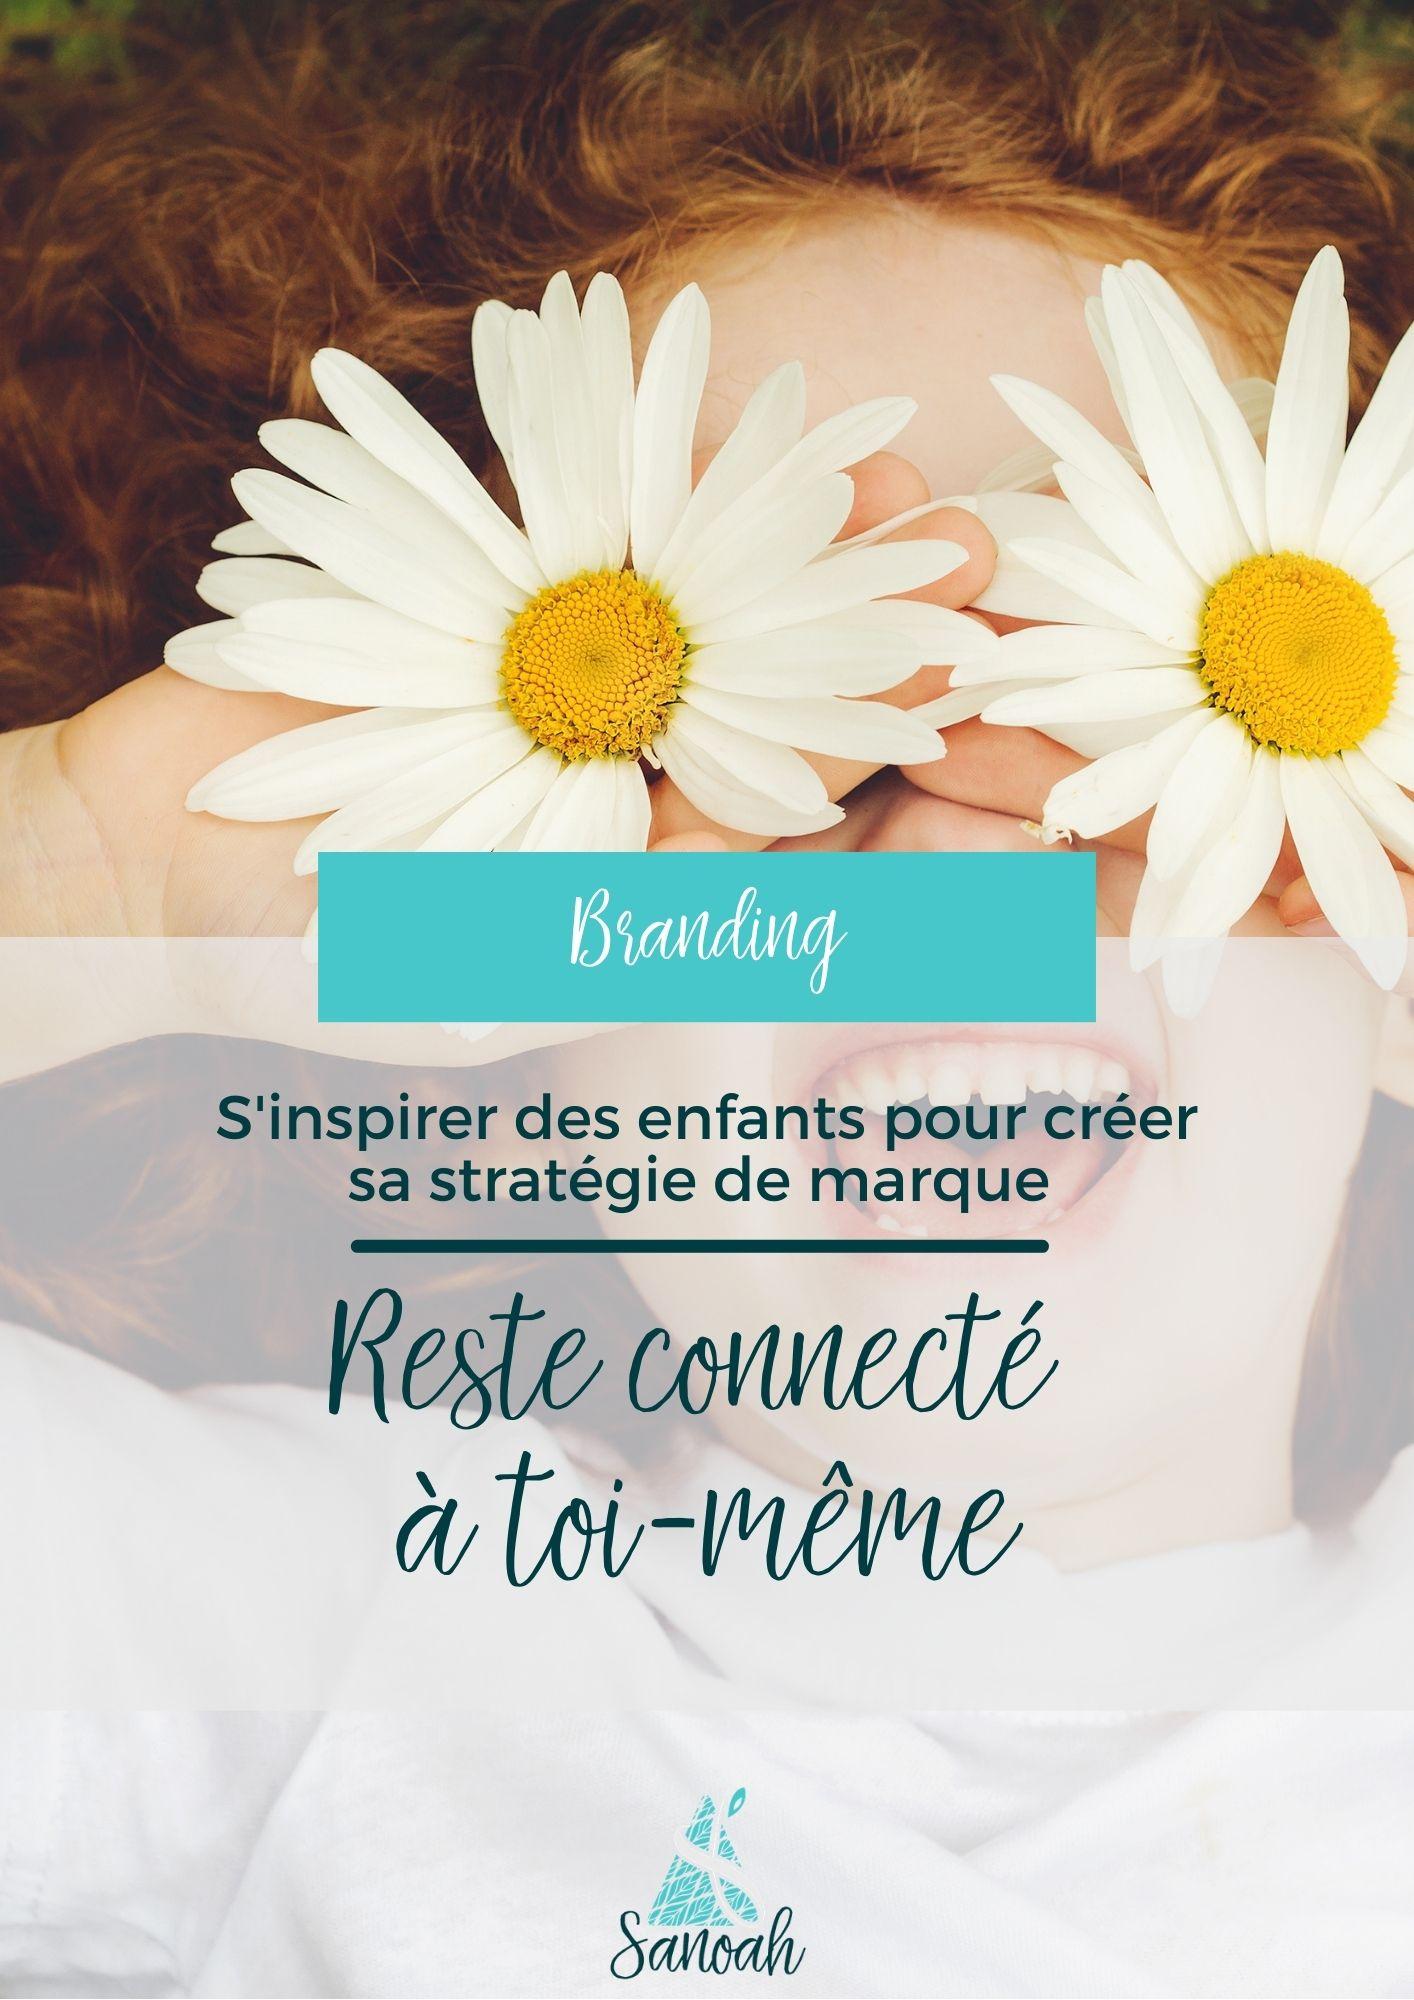 S'inspirer des enfants pour créer sa stratégie de marque : Reste connecté à toi-même